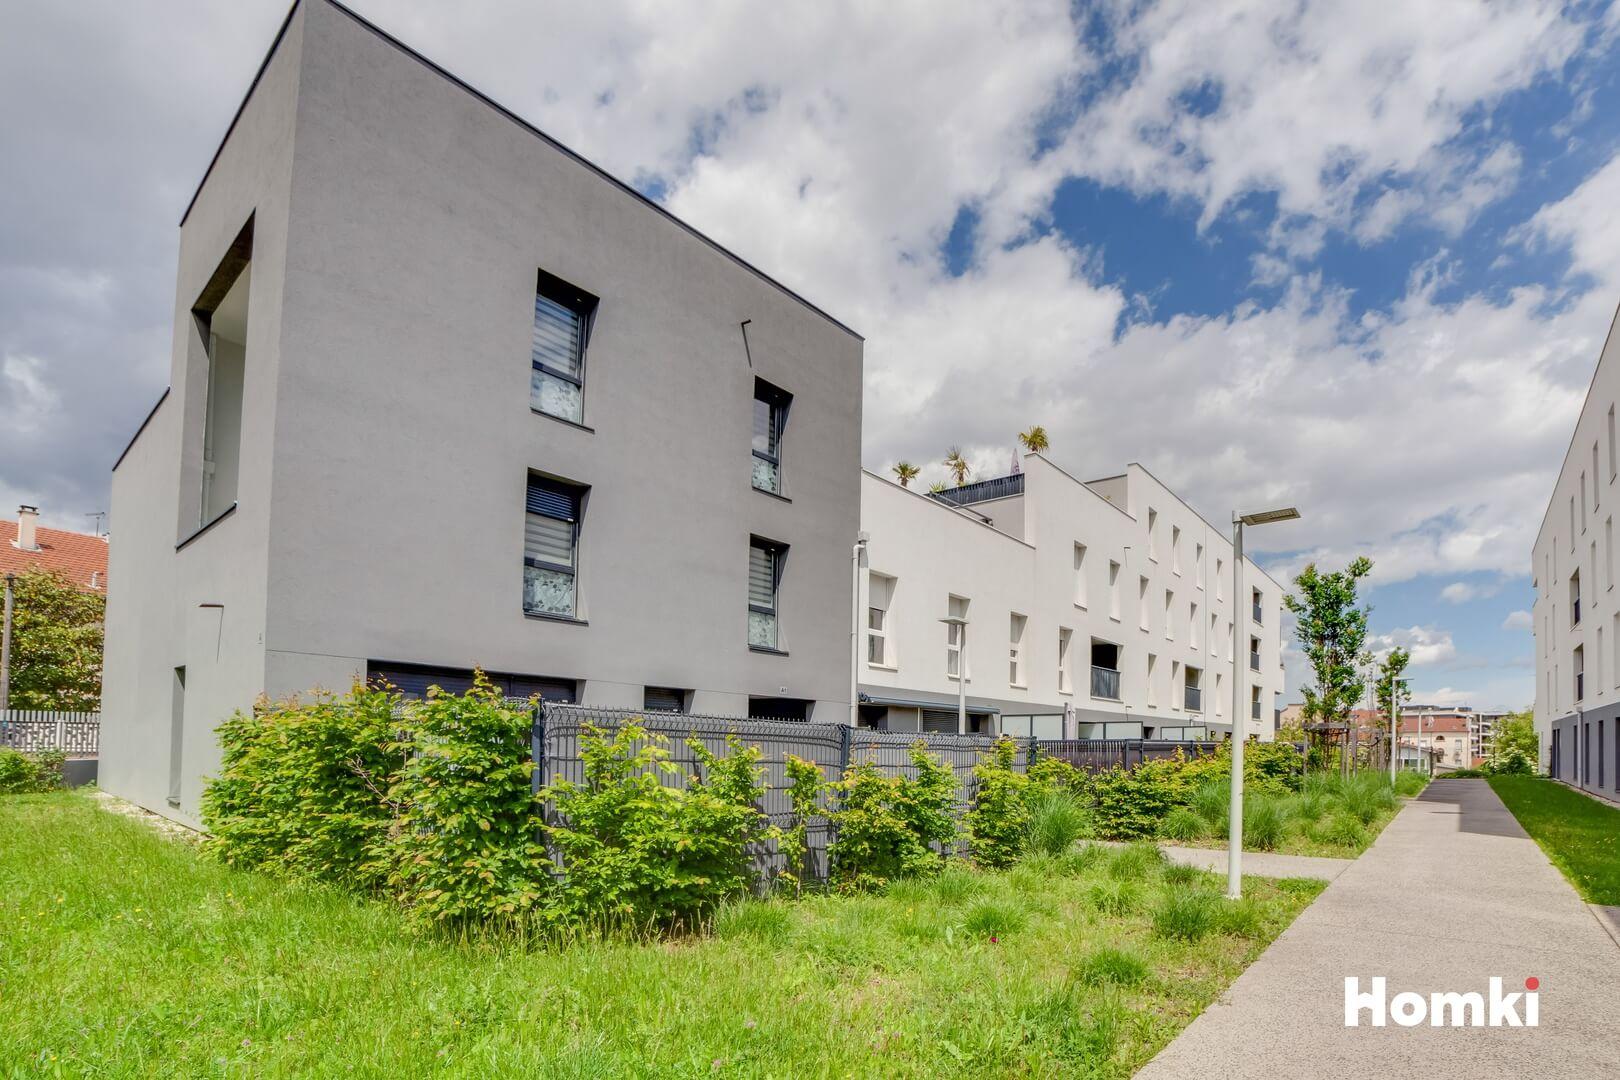 Homki - Vente Appartement  de 93.0 m² à Vénissieux 69200